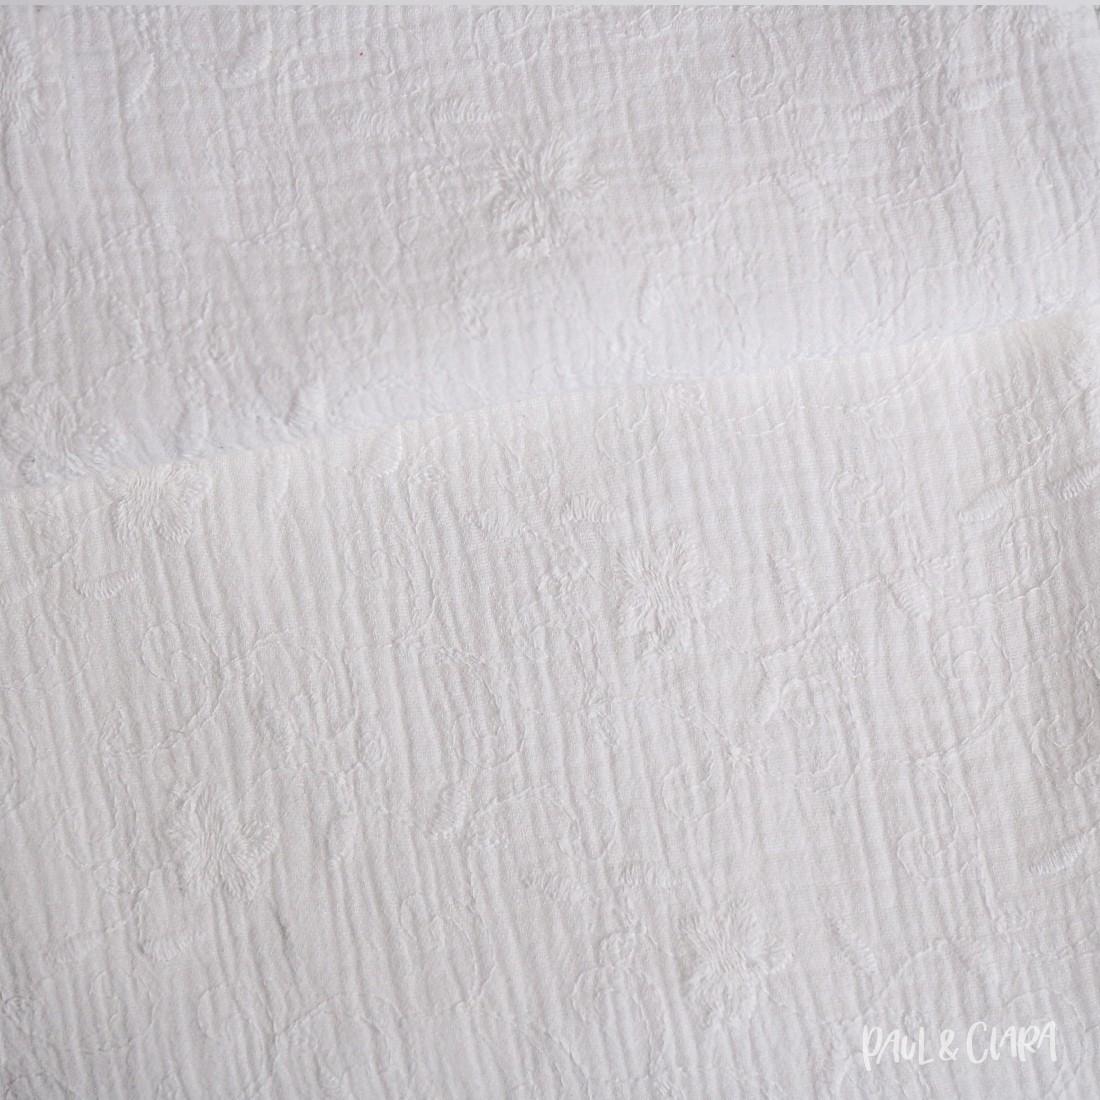 Baumwolle Musselin bestickt - Weiß